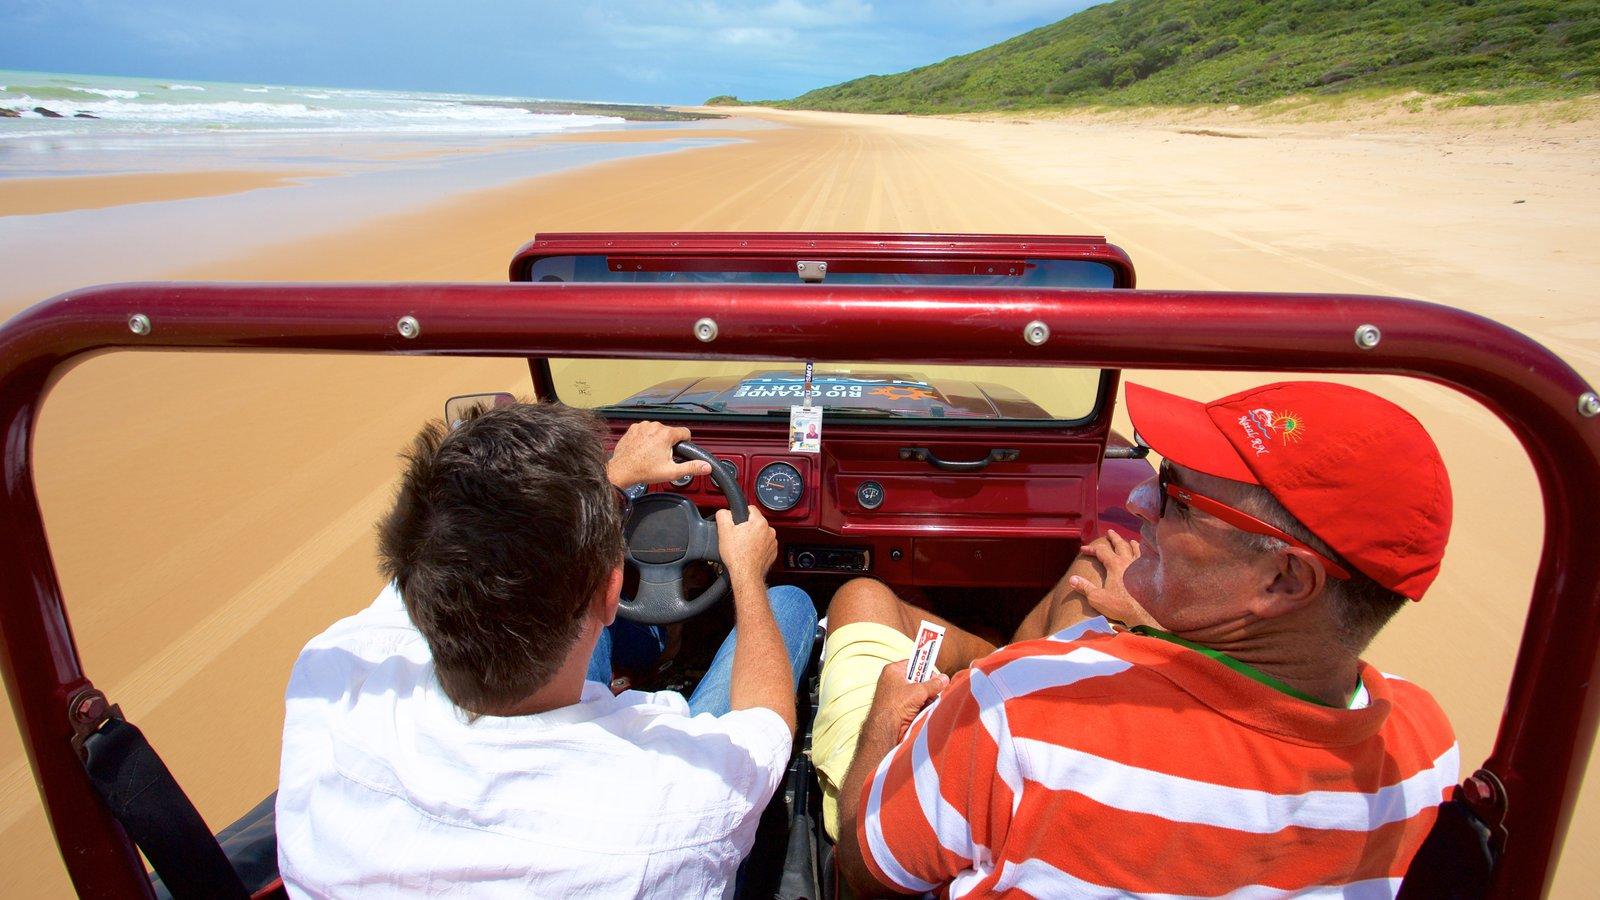 Natal mostrando uma praia de areia, paisagens litorâneas e off-road